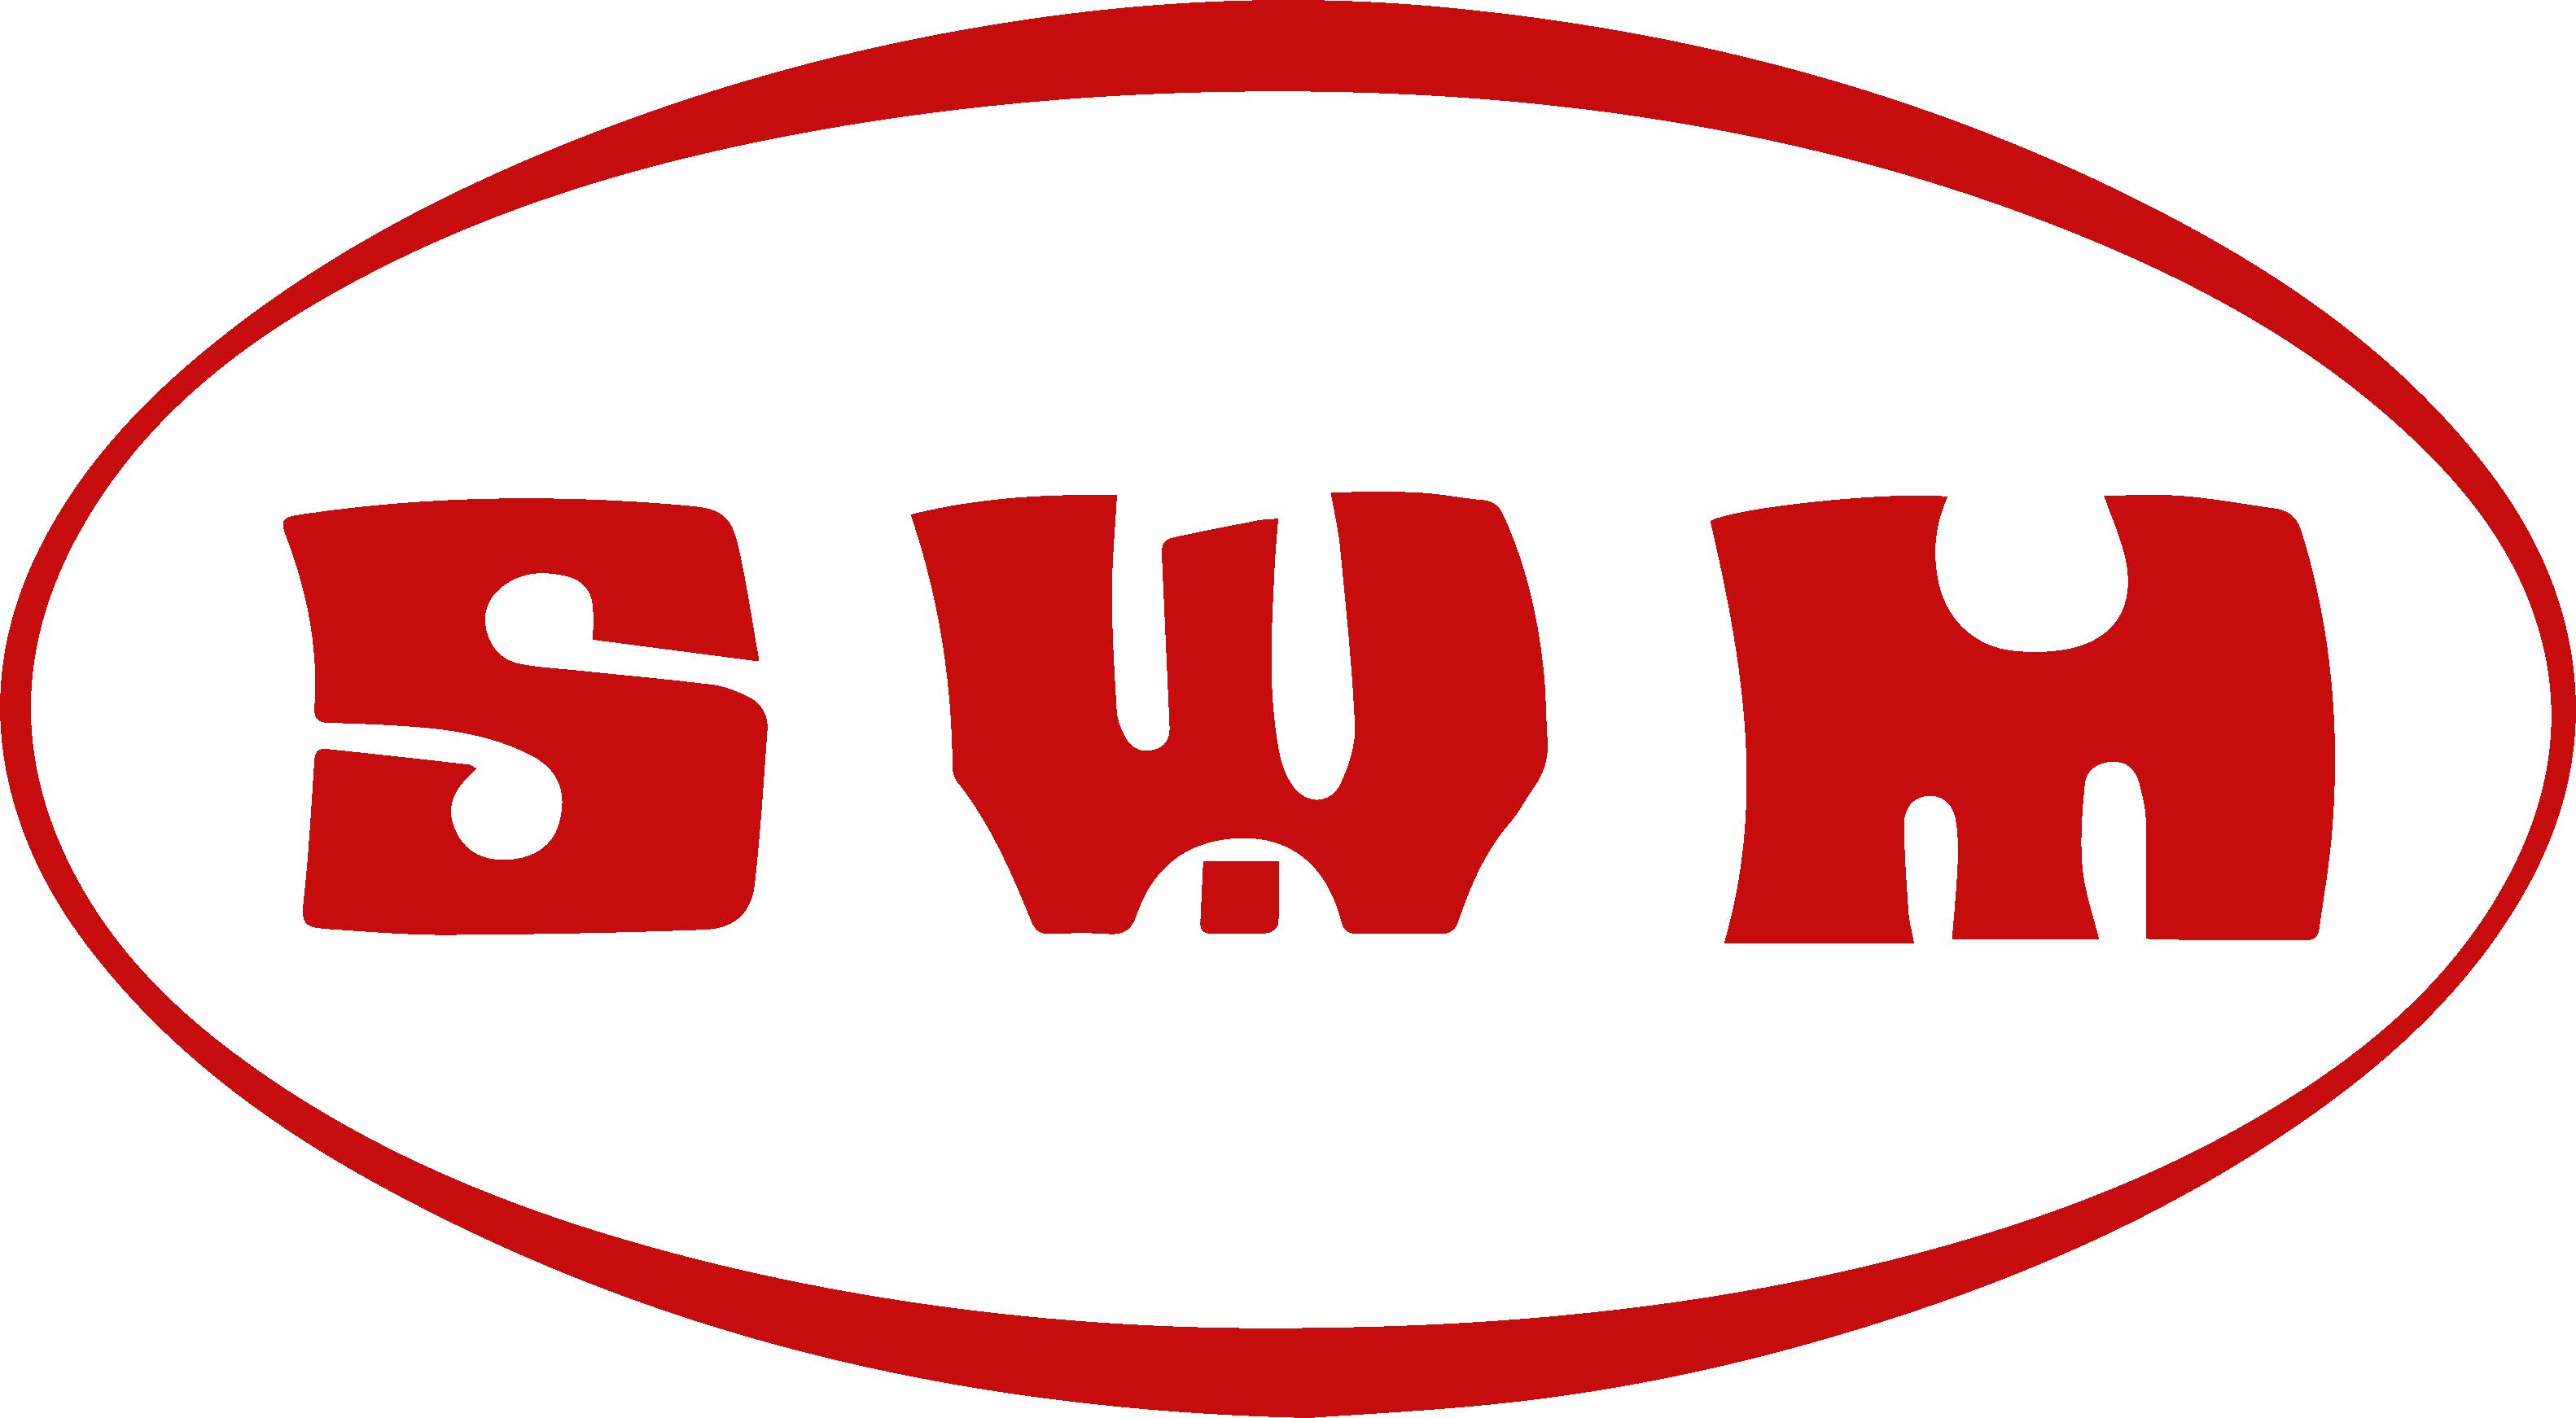 swm-logo-red-1-.png